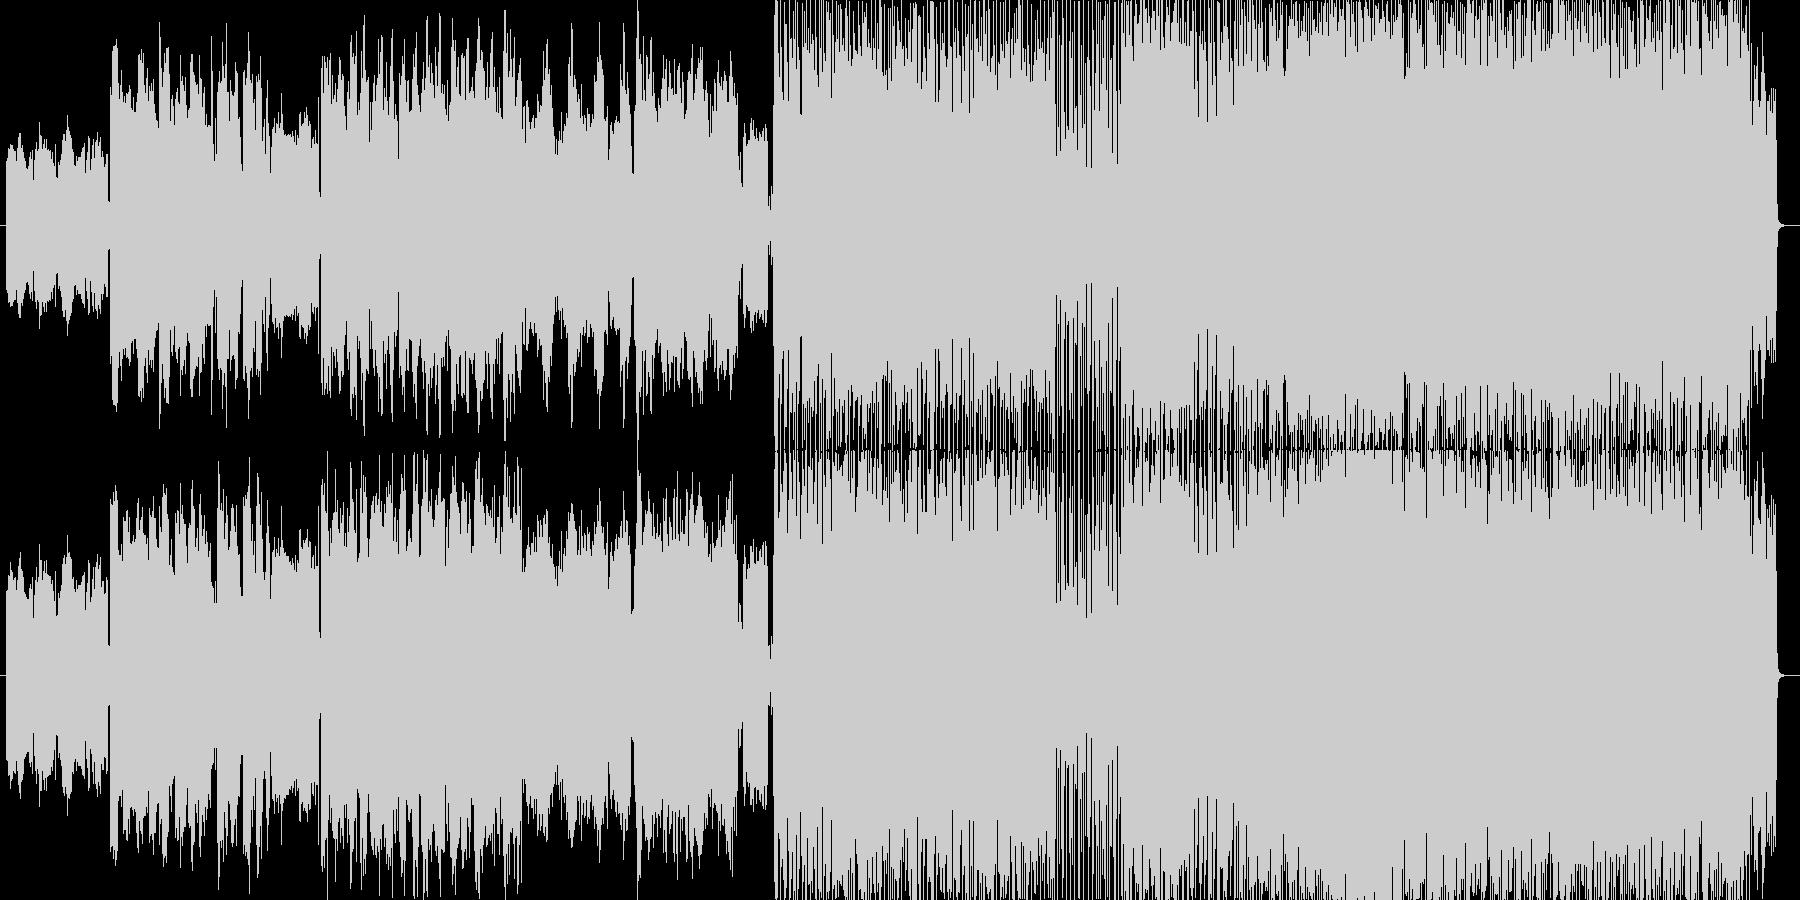 アイリッシュ風プログレッシブロックな曲…の未再生の波形